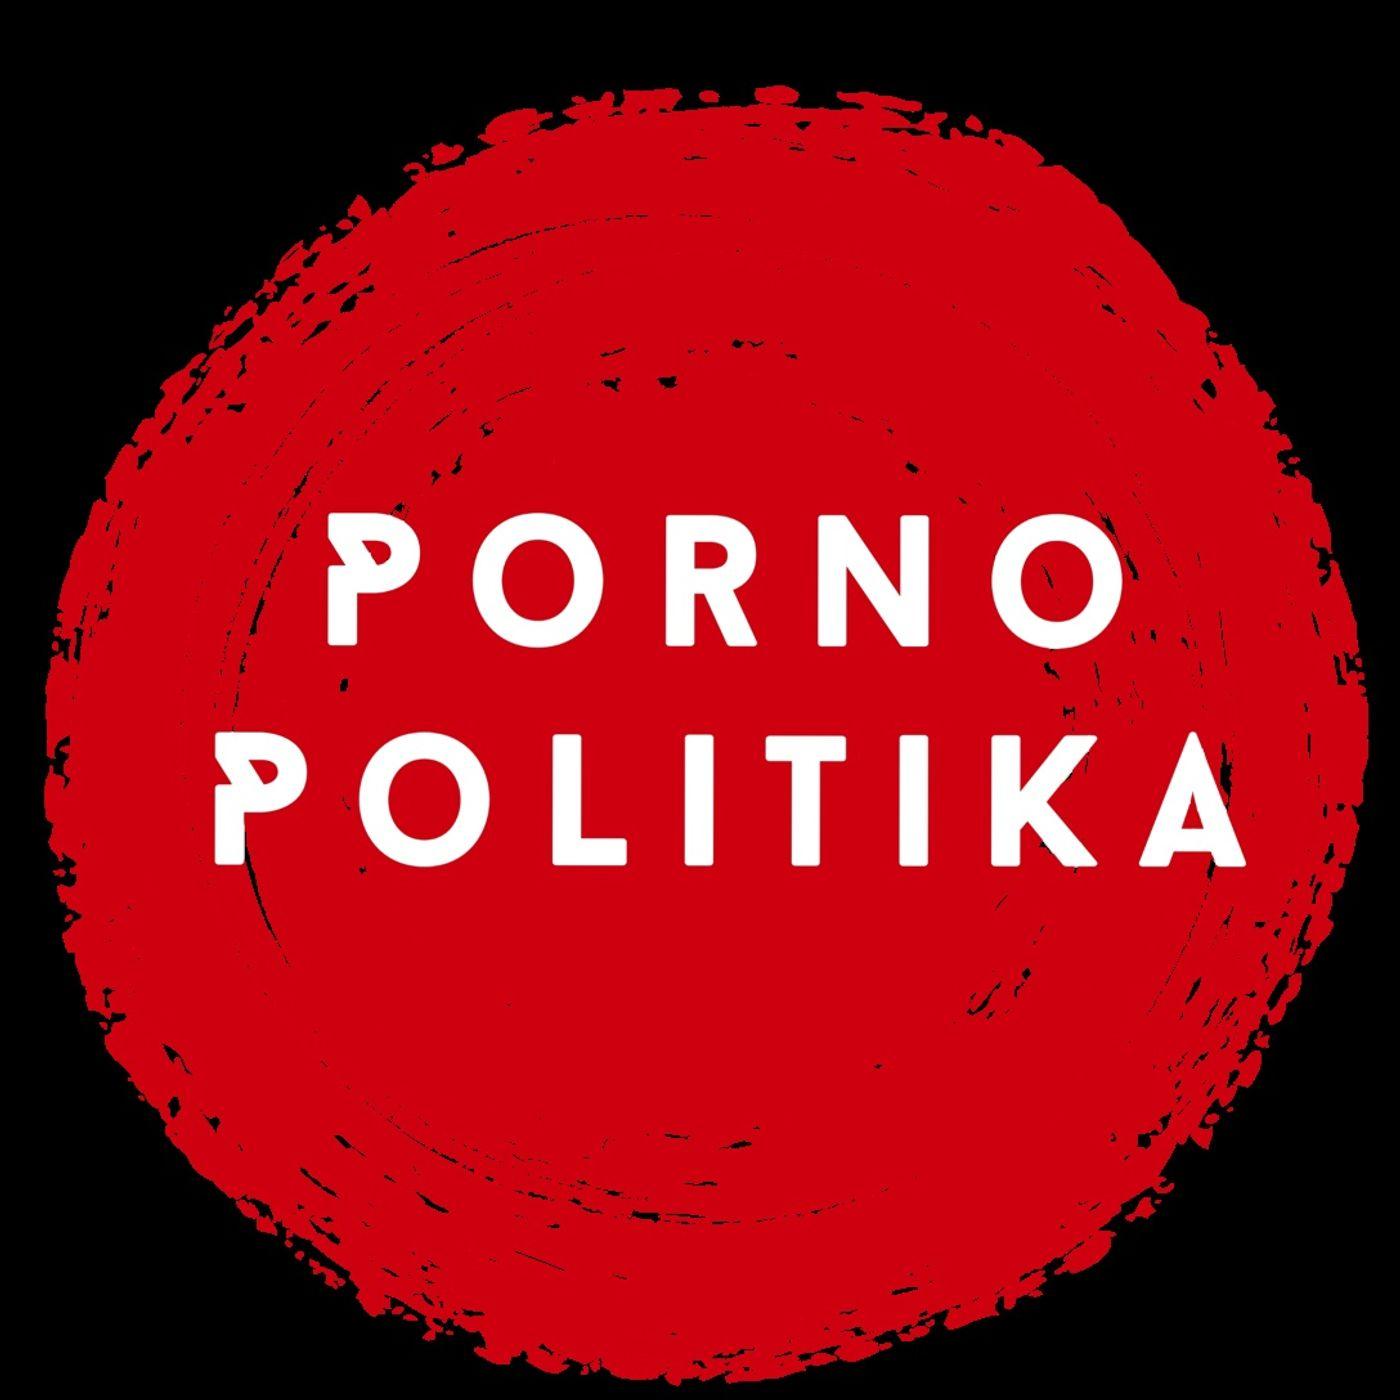 Porno Politika con Tiziano Torresi - I social faranno la Storia?